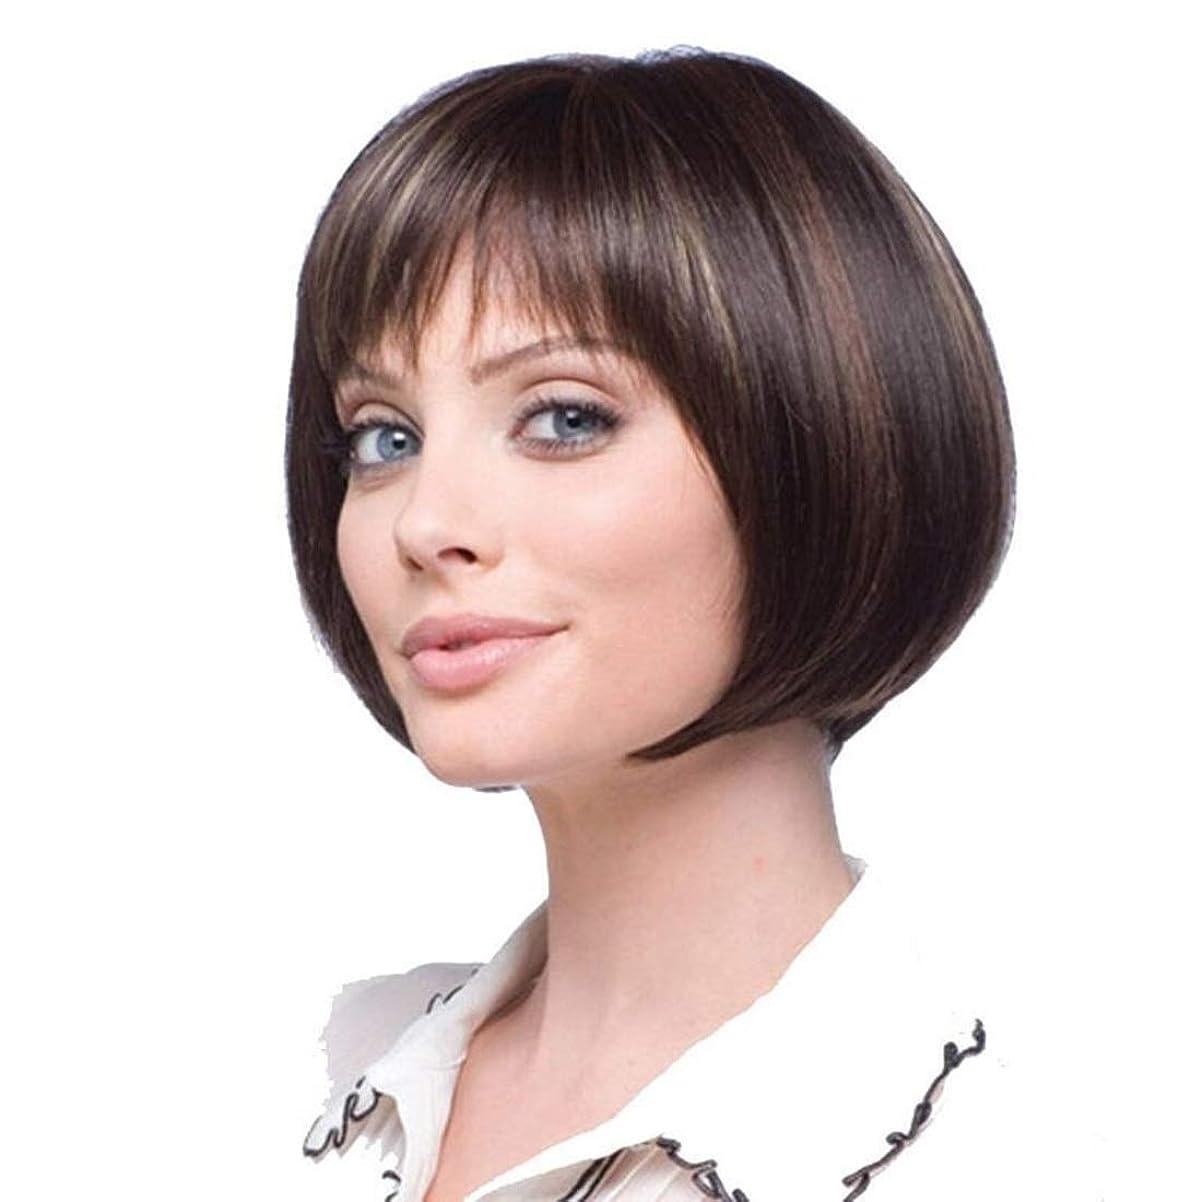 に向けて出発浮くハリケーンSummerys ショートボブの髪ウィッグストレート前髪付き合成カラフルなコスプレデイリーパーティーウィッグ本物の髪として自然な女性のための